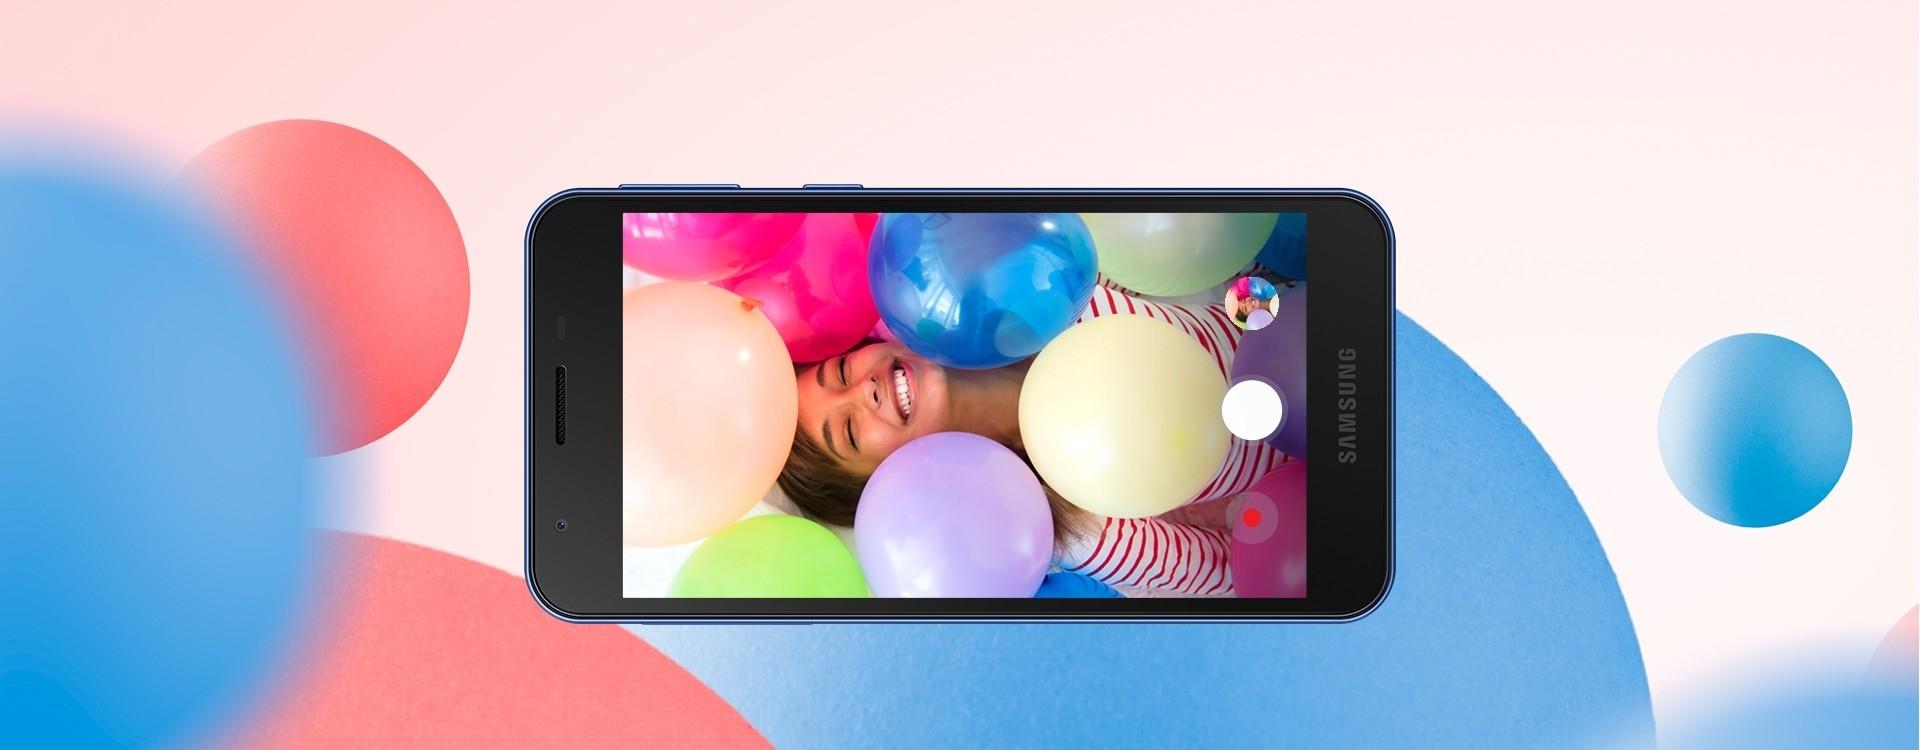 Caméra avant et arrière Samsung Galaxy A2 Core